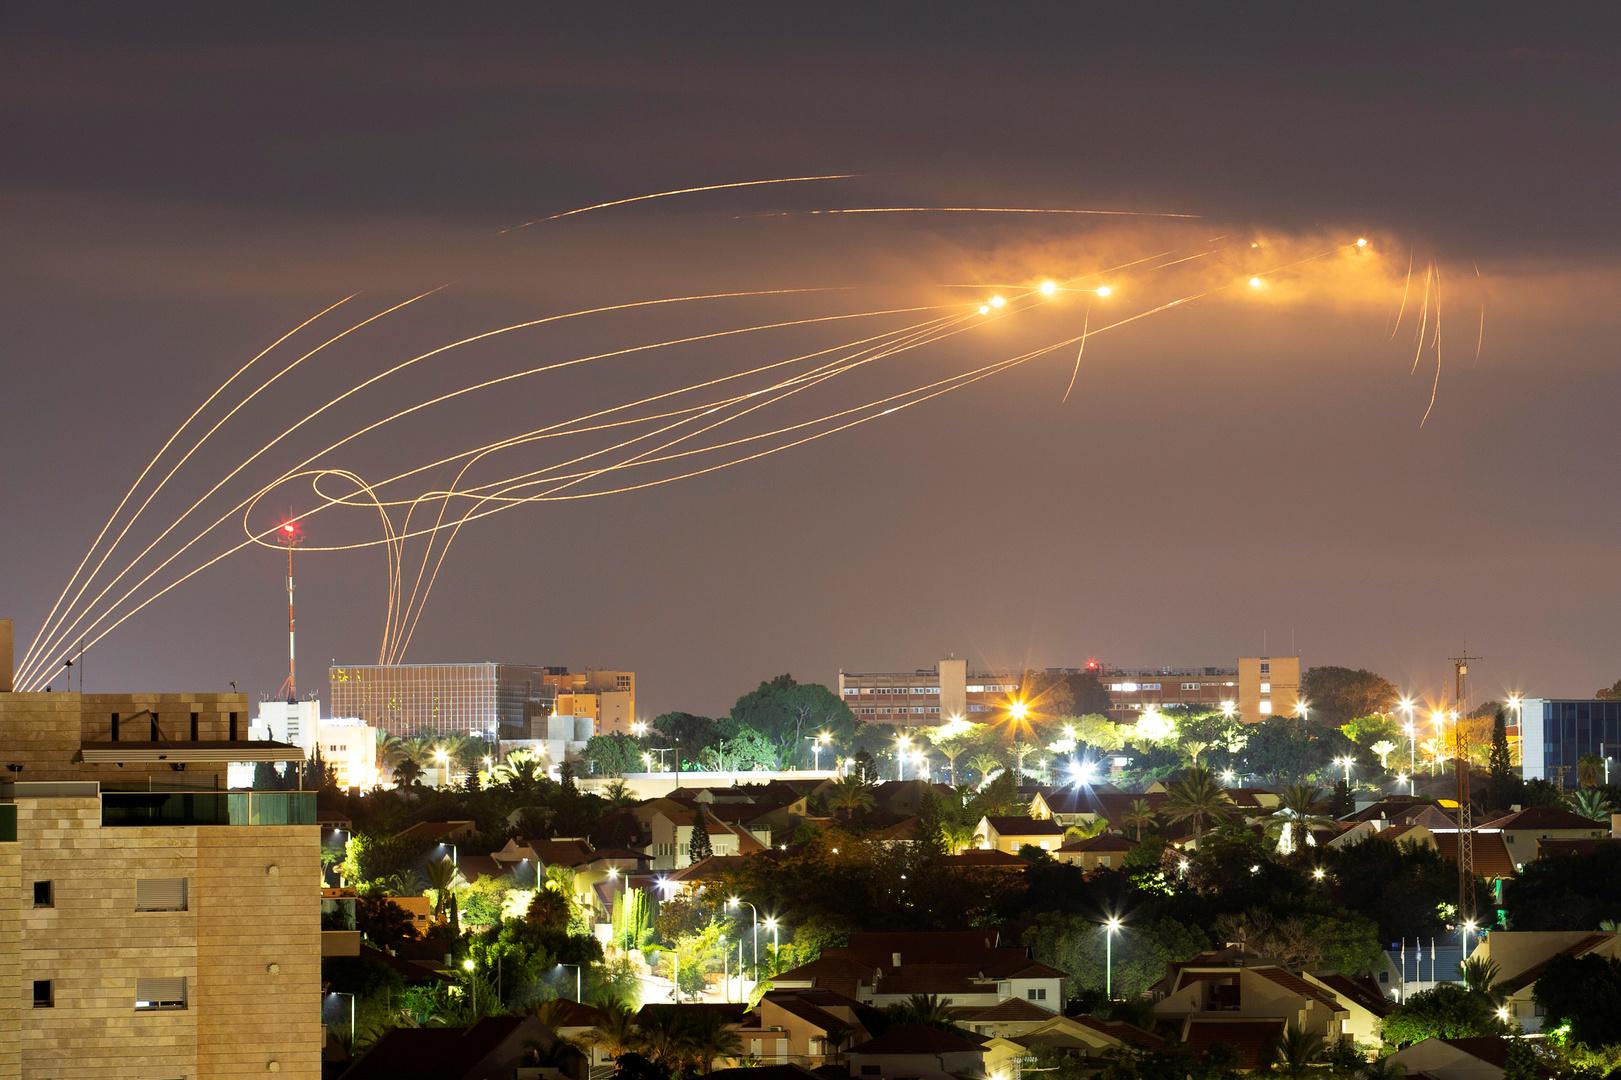 جنرال إسرائيلي: القبة الحديدية أثبتت عدم فعاليتها وعجز قدرتها على إيقاف صواريخ